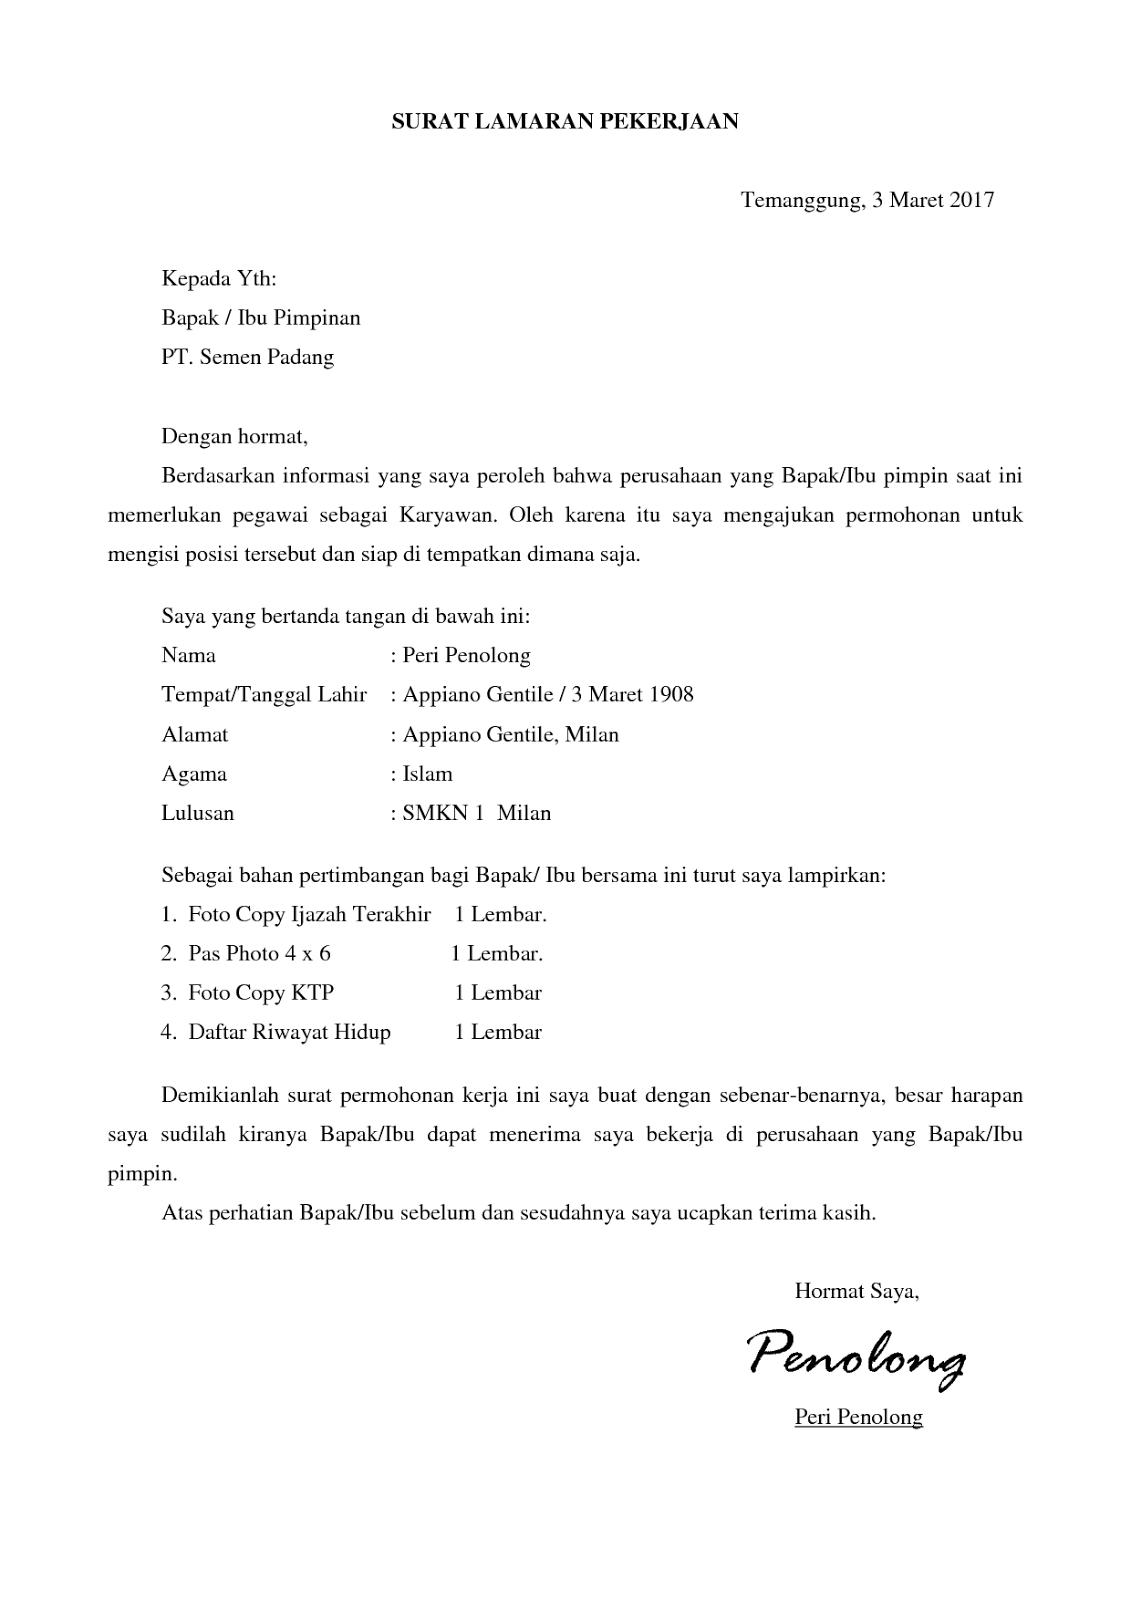 contoh surat lamaran kerja di laboratorium klinik, contoh surat lamaran kerja analis laboratorium, contoh daftar riwayat hidup analis kesehatan, contoh surat lamaran pekerjaan analis kesehatan dalam bahasa inggris, surat lamaran kerja analis kesehatan dalam bahasa inggris, contoh surat lamaran kerja analis kimia, contoh surat lamaran kerja sebagai analis laboratorium dalam bahasa inggris, lowongan pekerjaan analis kesehatan, ben-jobs.blogspot.com